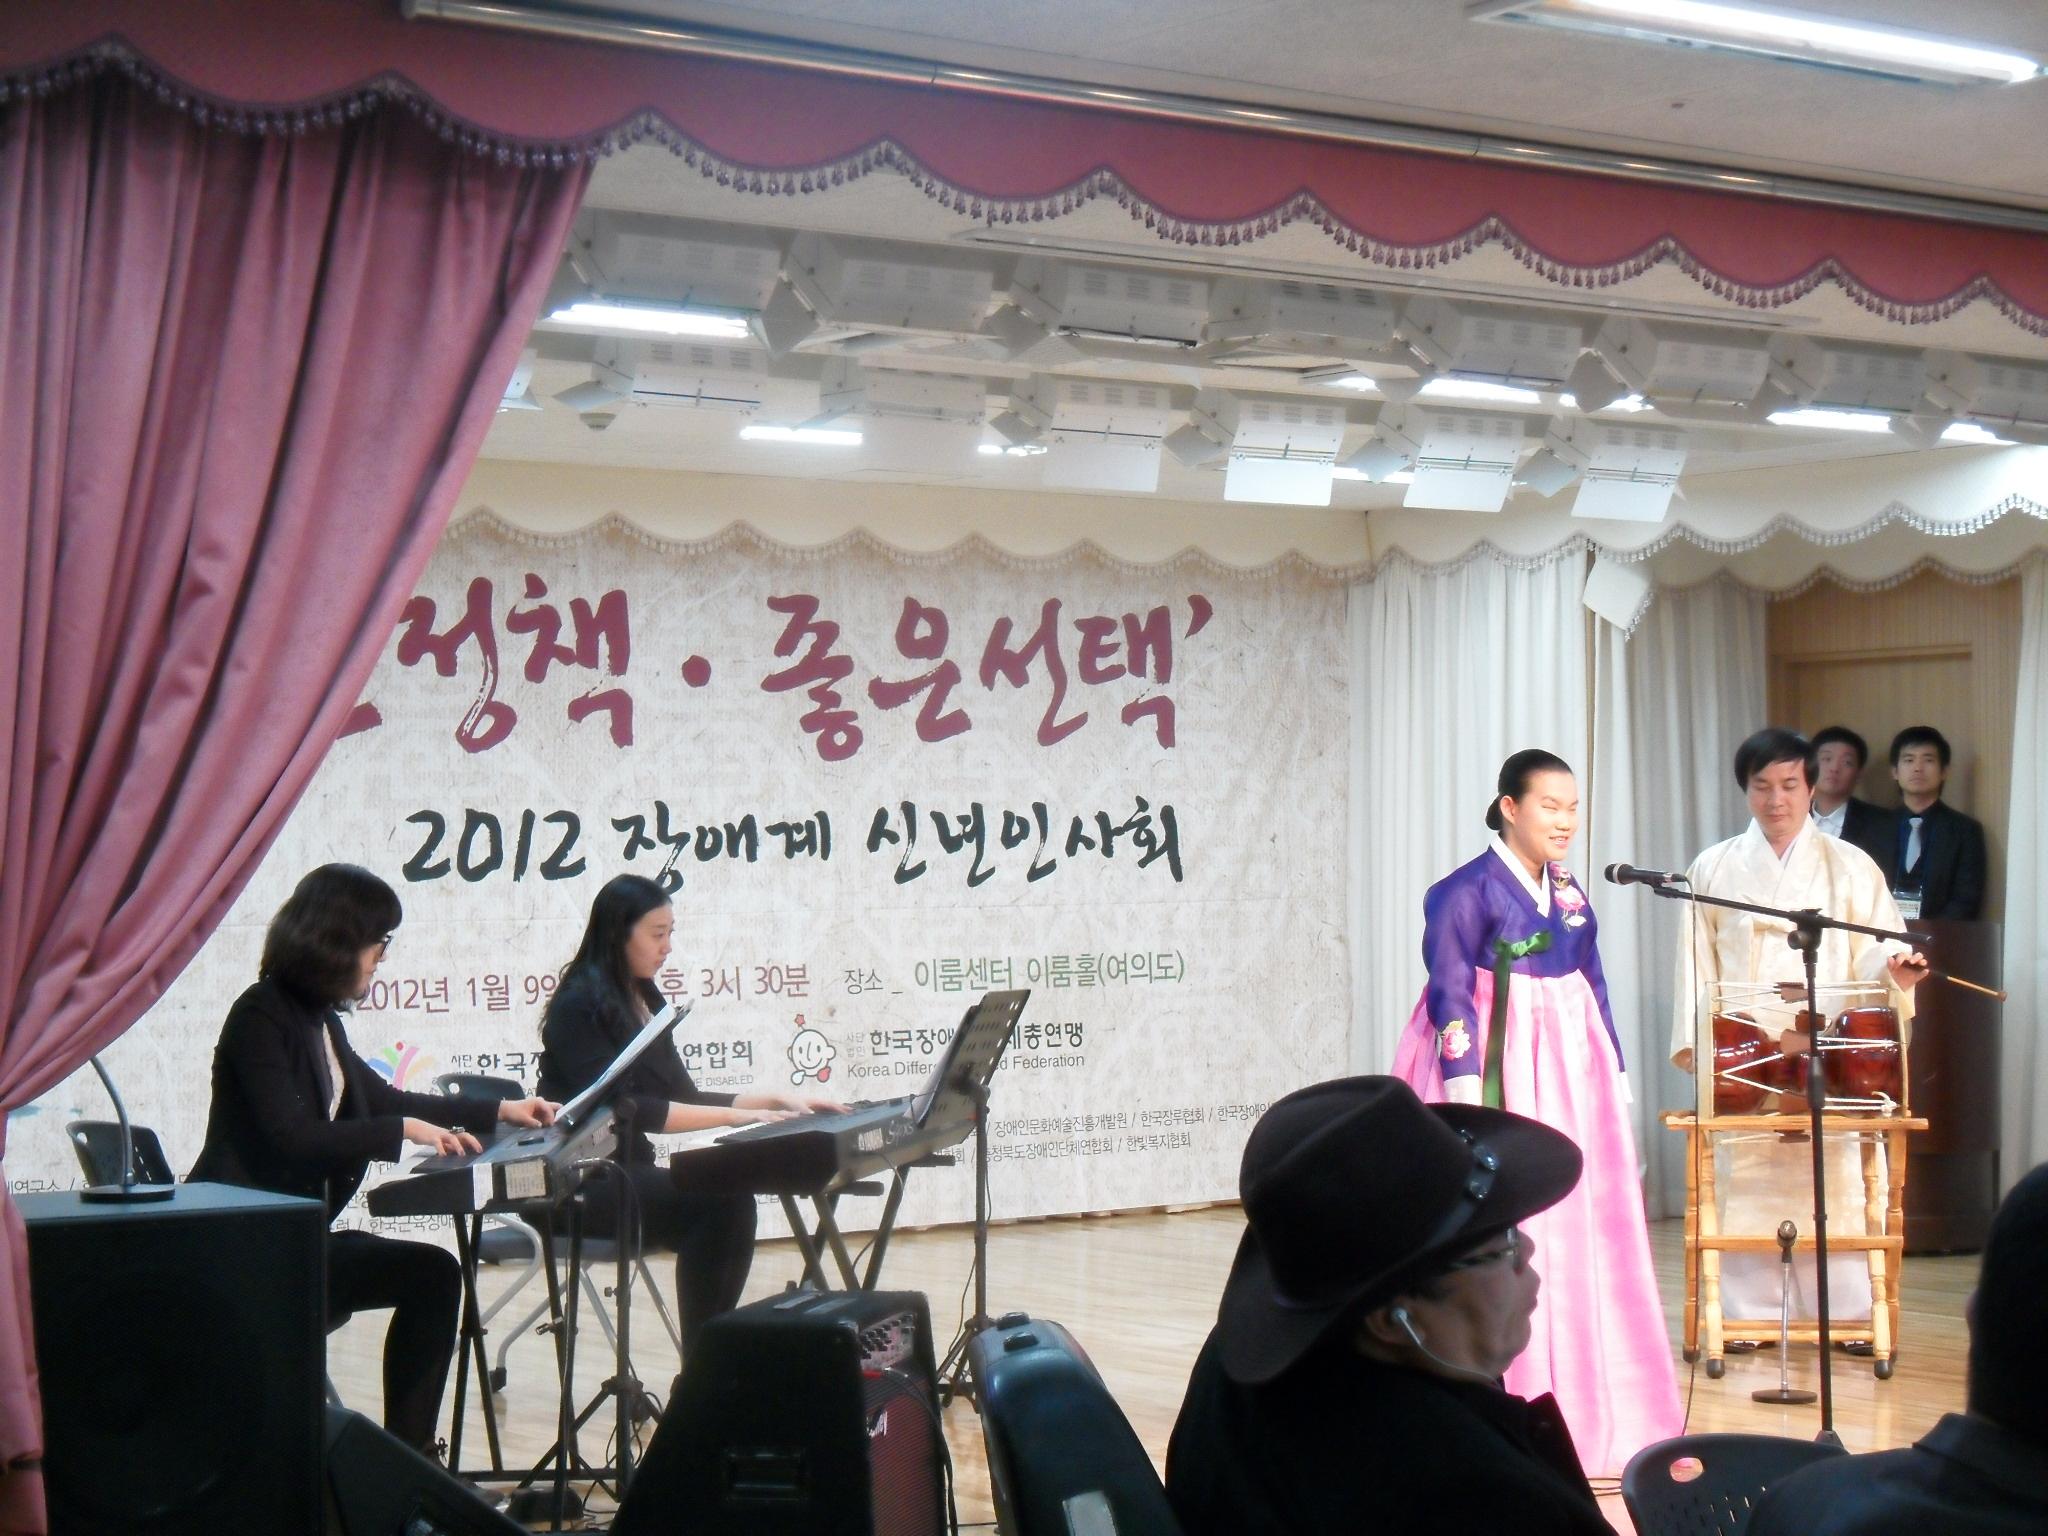 관현맹인예술단 공연(2012 장애계 신년인사회) 썸네일